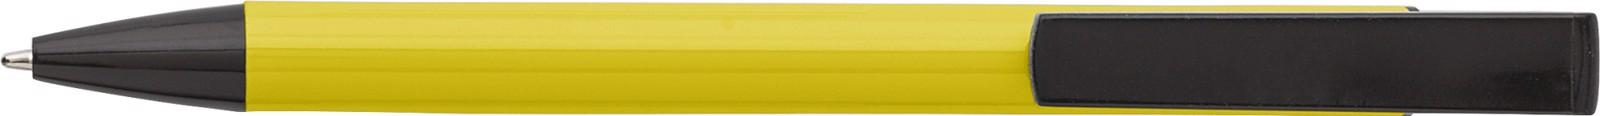 Aluminium ballpen - Yellow